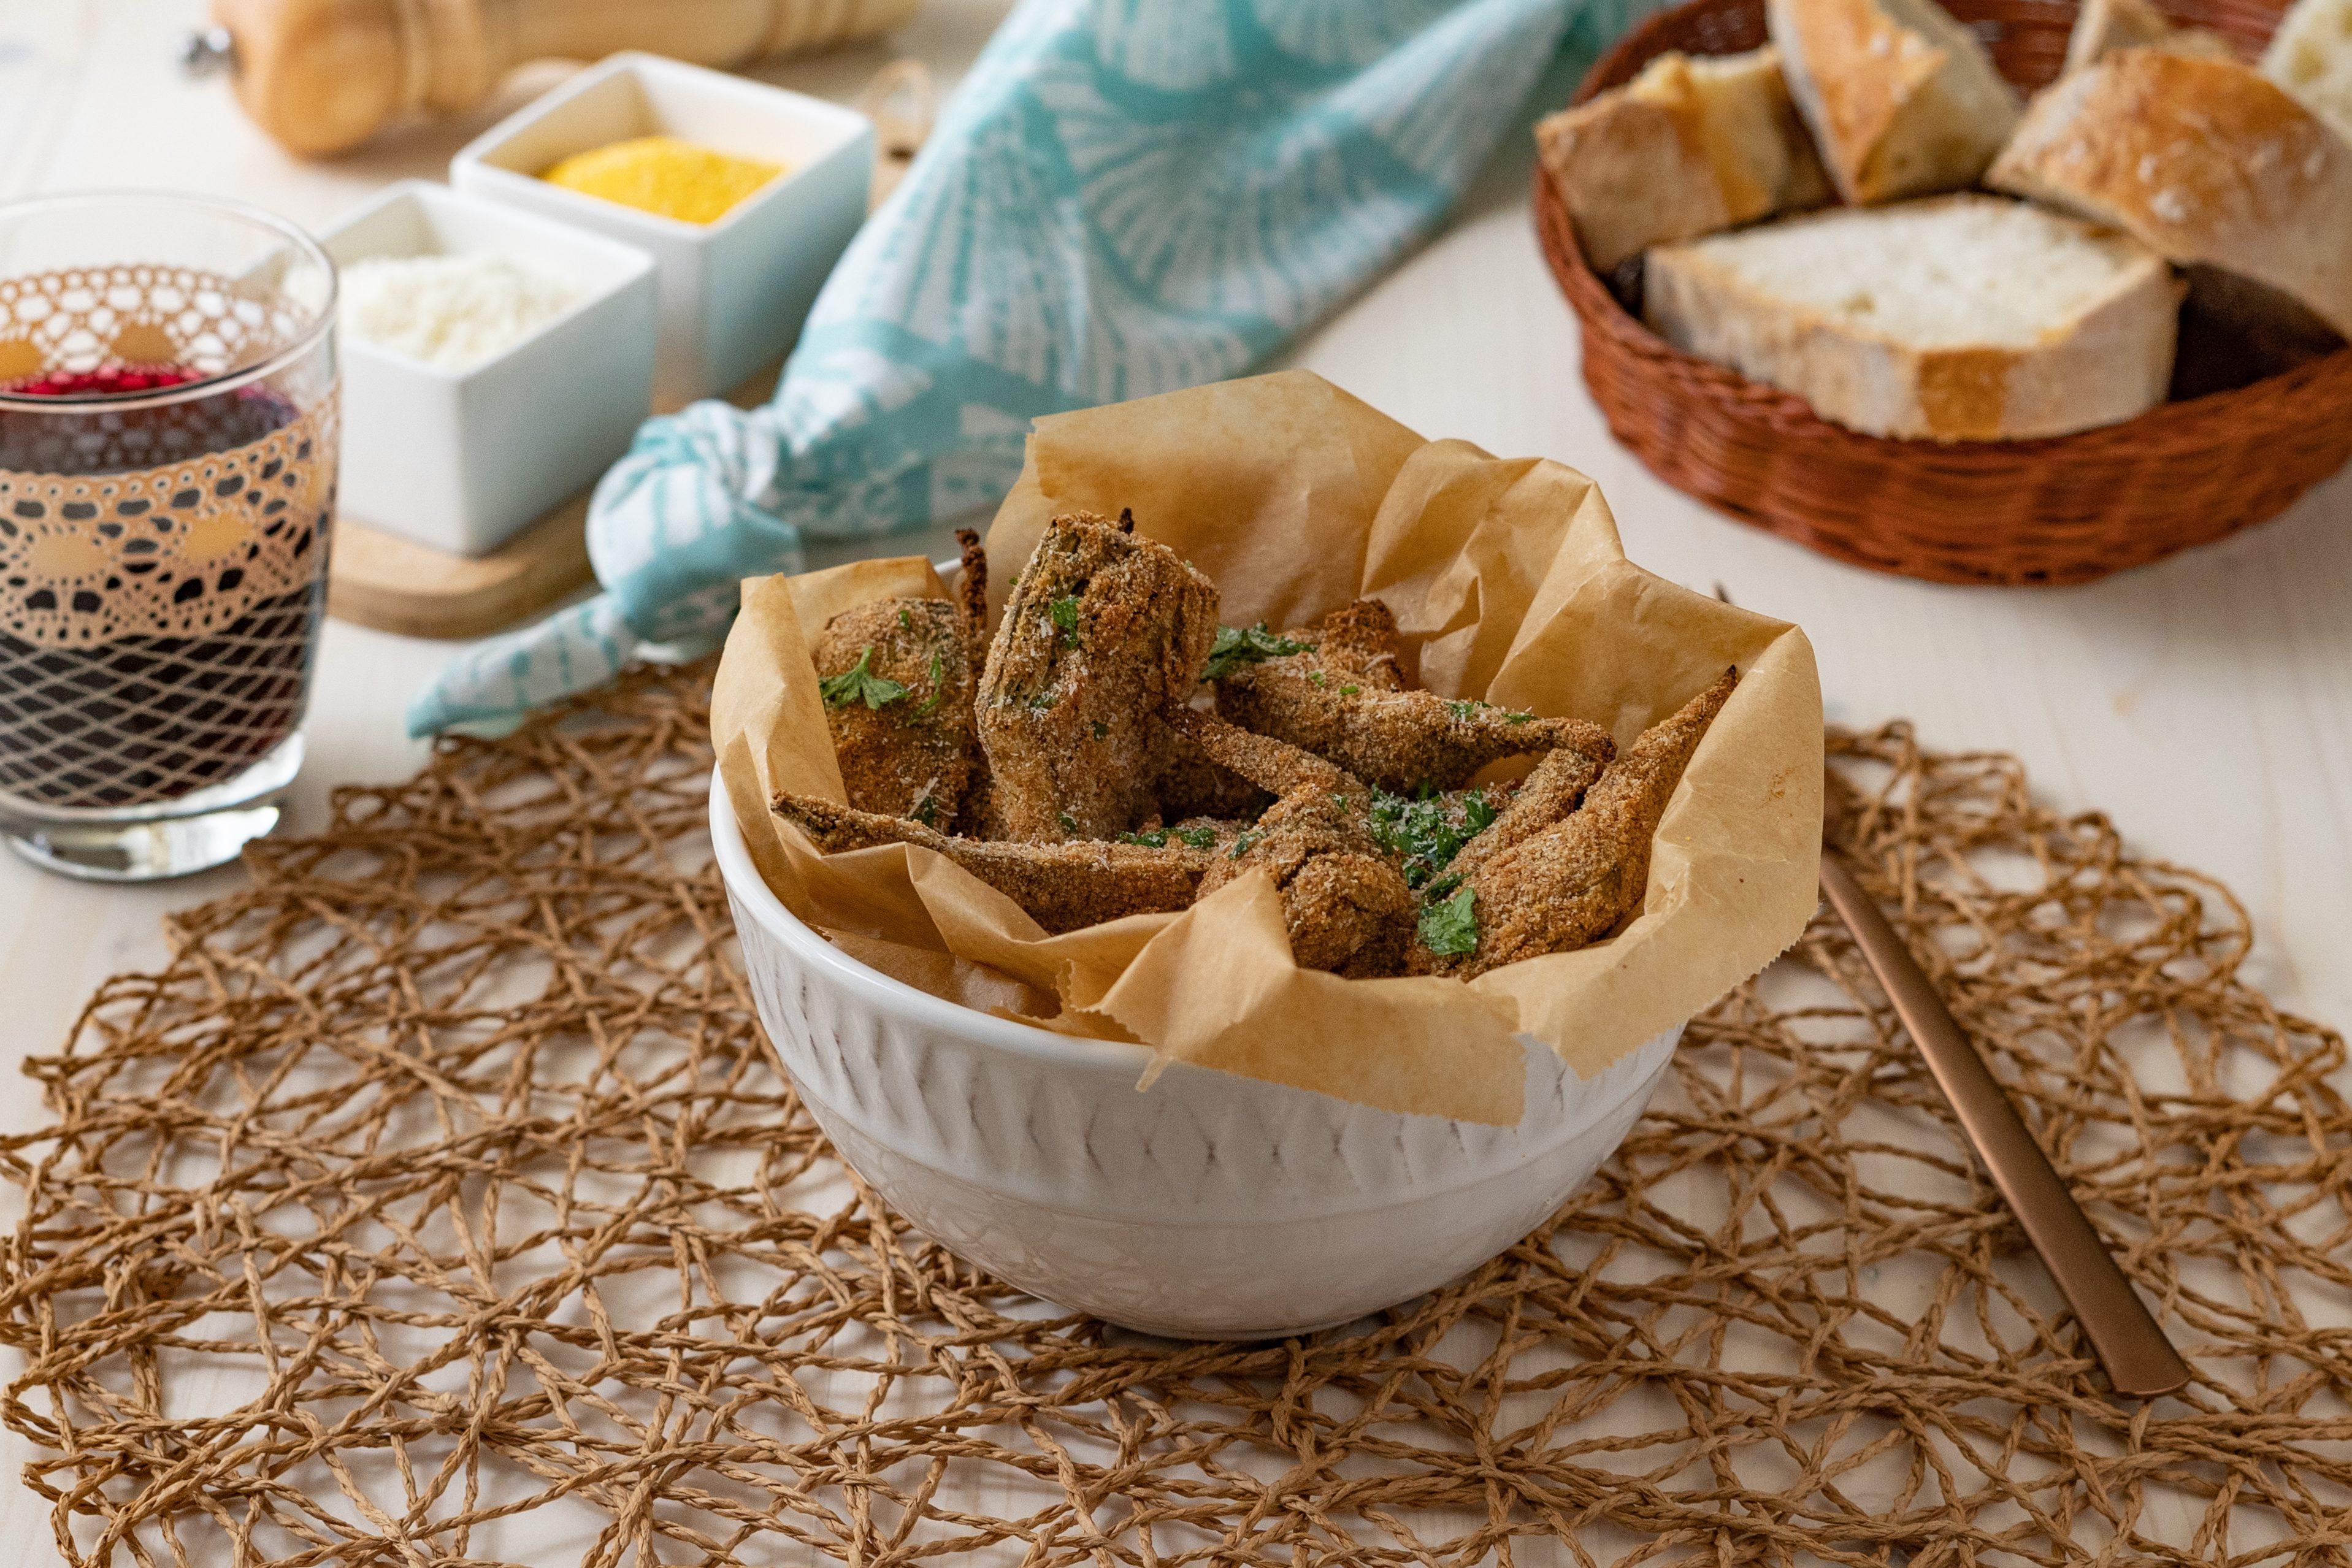 Carciofi croccanti: la ricetta del contorno leggero e stuzzicante